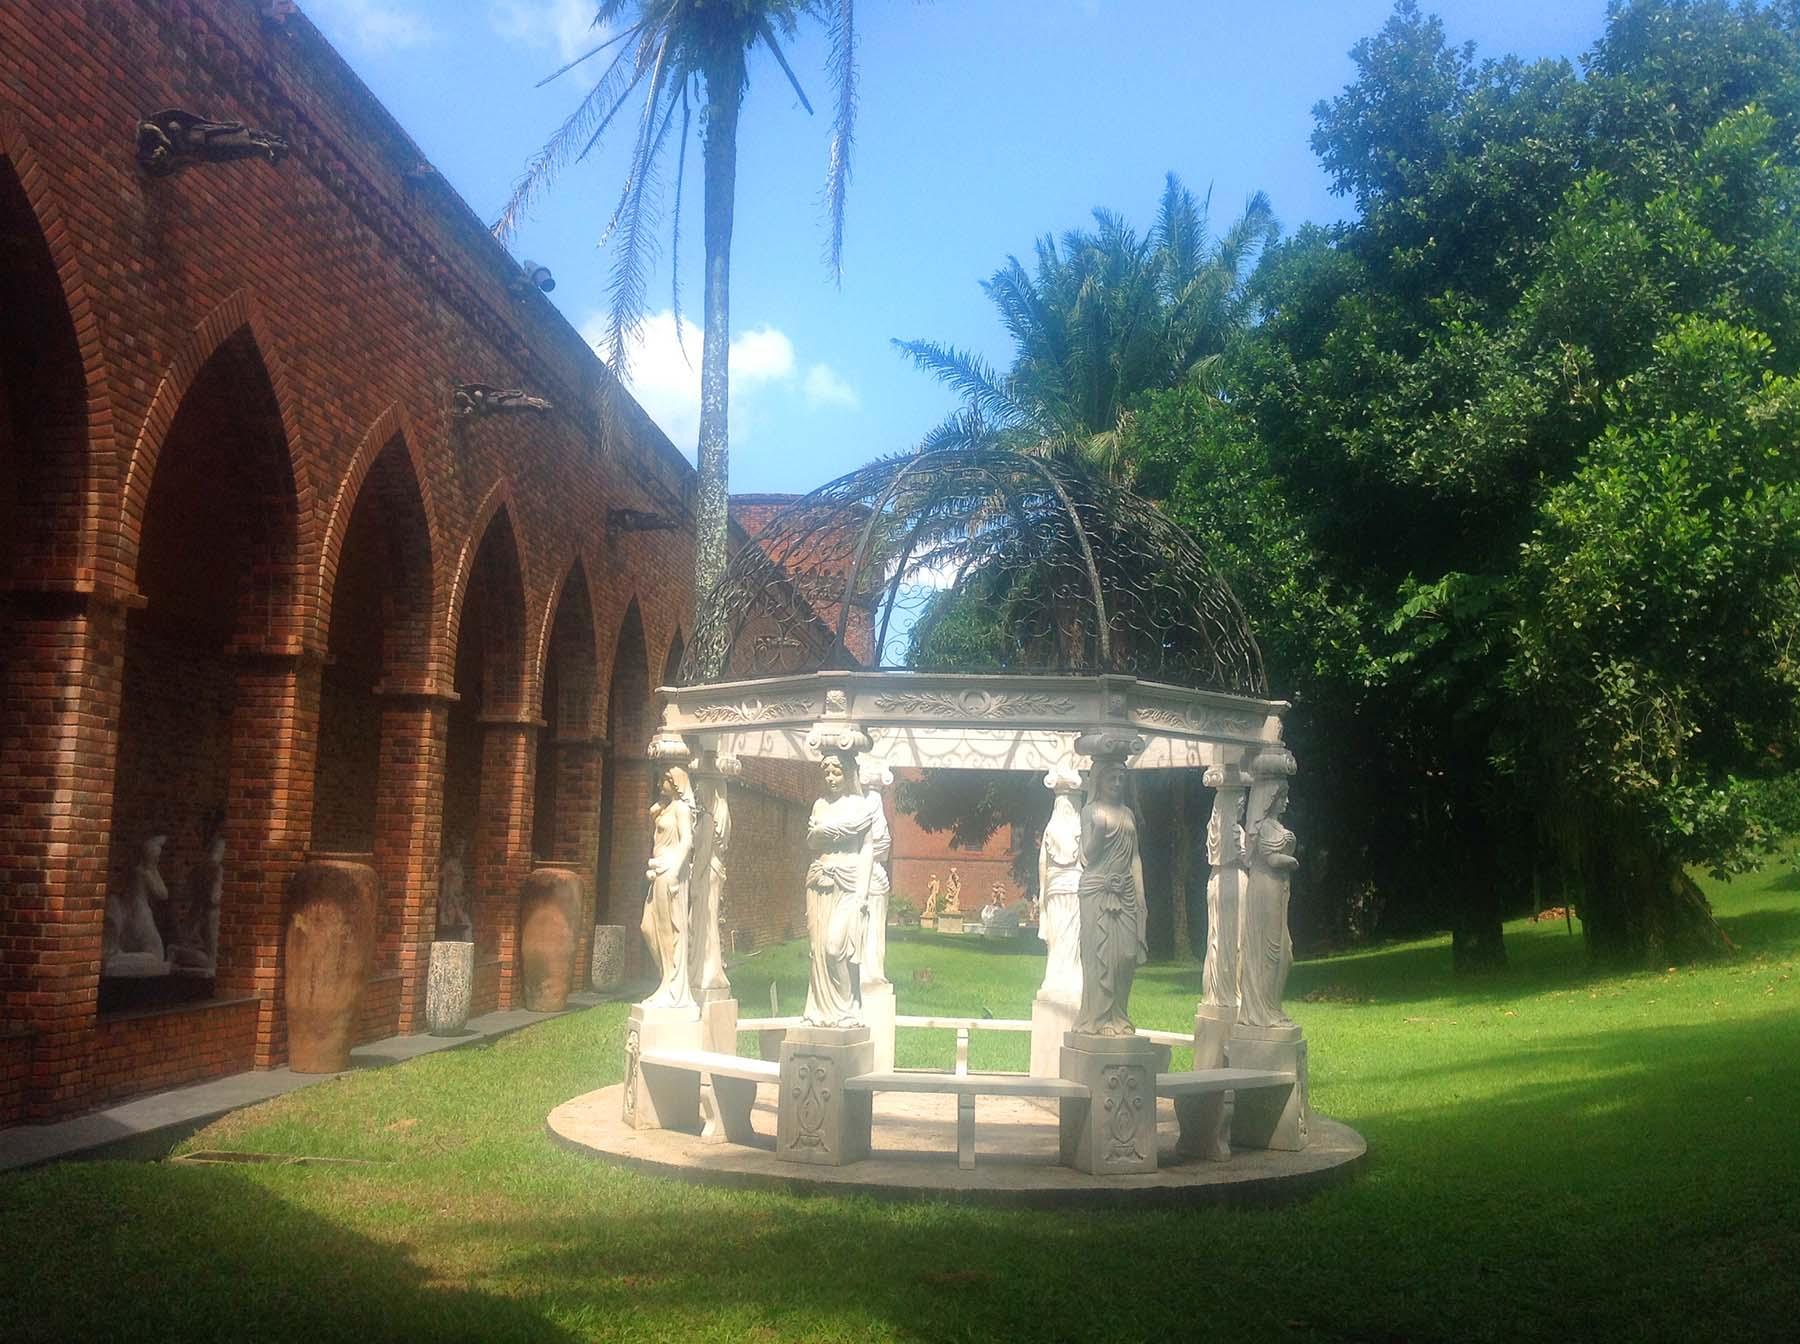 Instituto Ricardo Brennand, museu em um castelo no Recife.